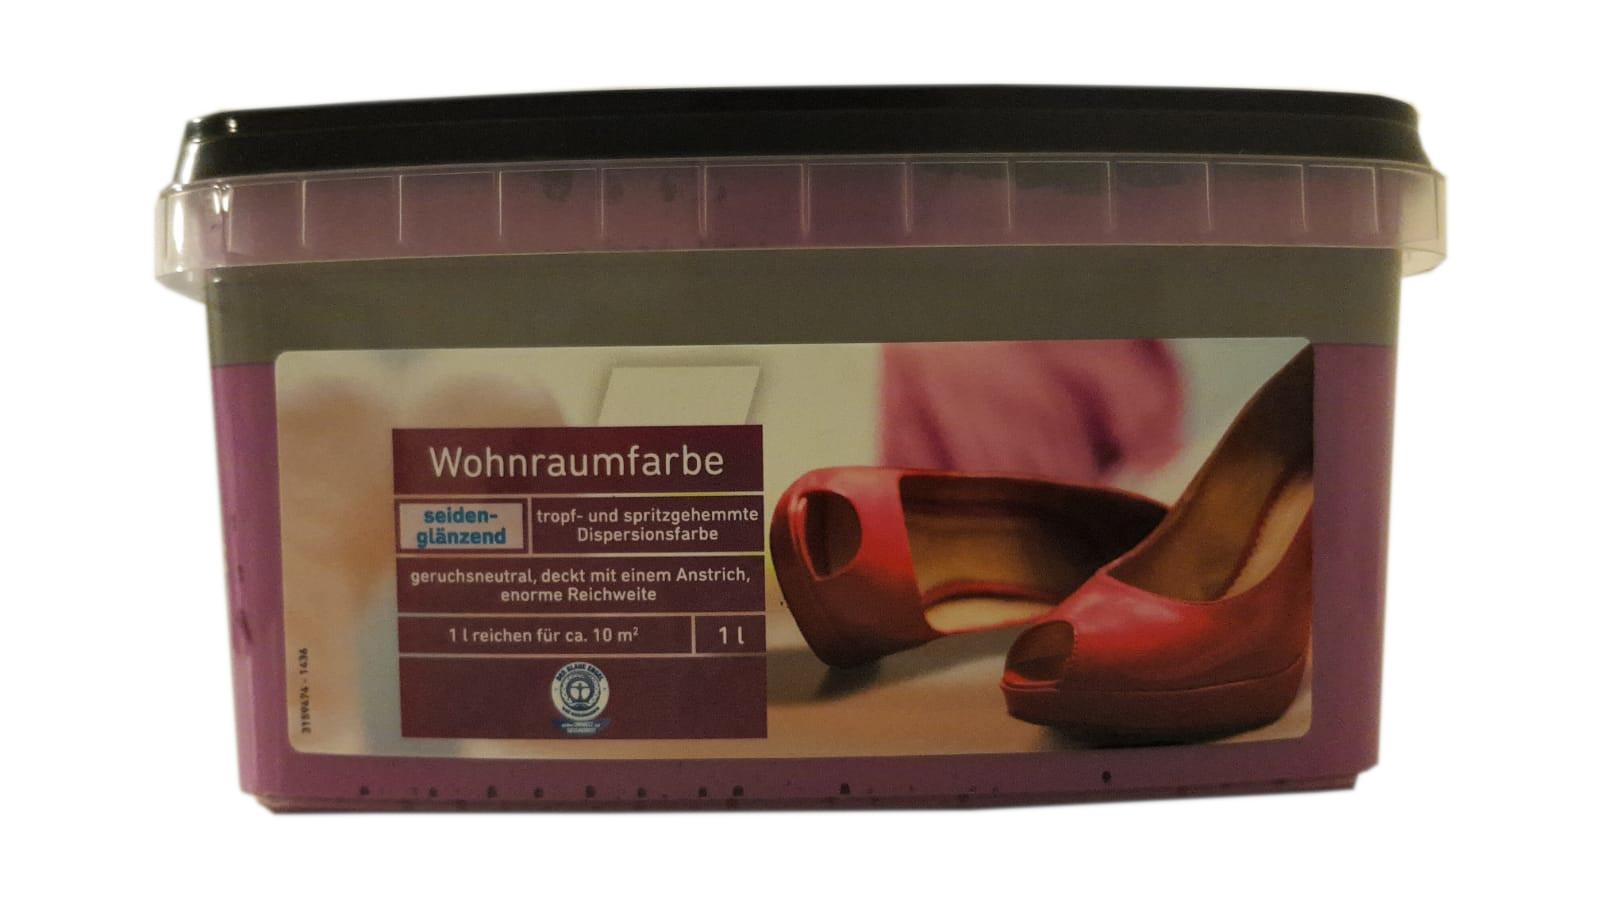 2x1 L  Farbige Hochleistungs-Bunte Wandfarbe  mit extrem hoher Ergiebigkeit seidenglänzend 2 L Farbwahl